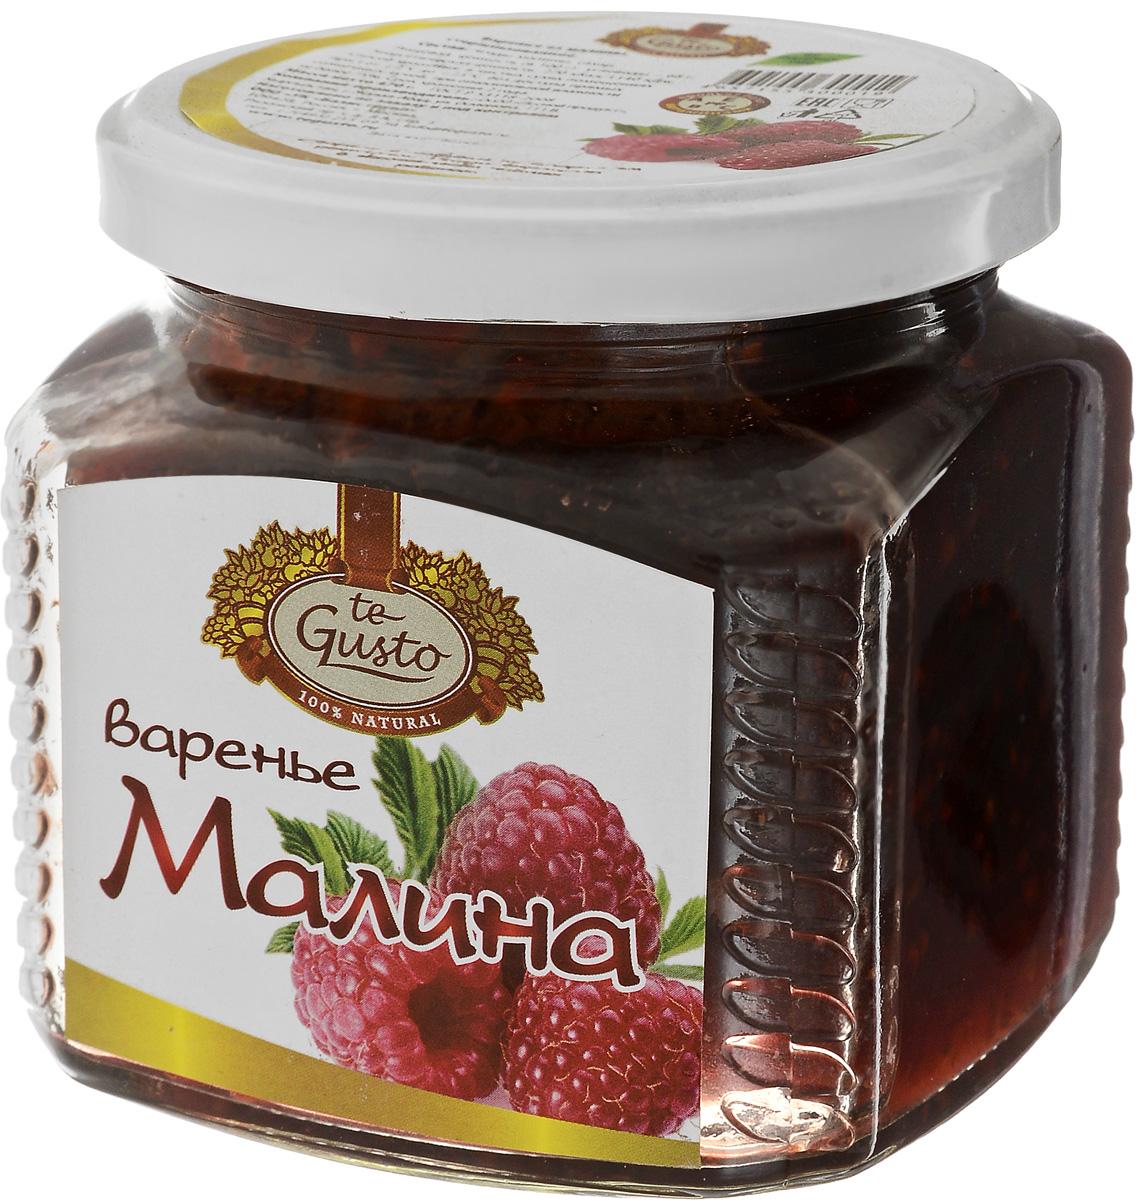 te Gusto Варенье из малины, 470 г4657155300019Вместо того чтобы бороться с простудами и инфекциями, принимая антибиотики, лучше заранее укрепить свой иммунитет, употребляя сочные ягоды малины.Помимо аскорбинки в малине достаточно много витамина А, который предохраняет от сердечно-сосудистых заболеваний, старения и рака, витамина РР, который поможет избавиться от усталости, бессонницы, улучшит аппетит и сделает кожу чистой и эластичной, витамина Е - главного компонента омолаживающих кремов для лица, и витамина В2, который способен победить прыщи, справиться с перхотью и сделать тусклые ломкие волосы густыми и блестящими. А поскольку все эти витамины являются антиоксидантами, поедание малины благоприятно отразится на вашей внешности.Главное богатство этой ягоды - салициловая кислота, которая способна справляться с бактериями и обладает жаропонижающим эффектом. Причем если другие ягоды при варке лишаются большей части полезных веществ, то малина в виде варенья справляется с простудой еще лучше, чем в свежем виде. Таким же действием обладают и сушеные ягоды малины. То есть и малиновое варенье, и сама малина запросто могут считаться полноценным заменителем таблетки аспирина.